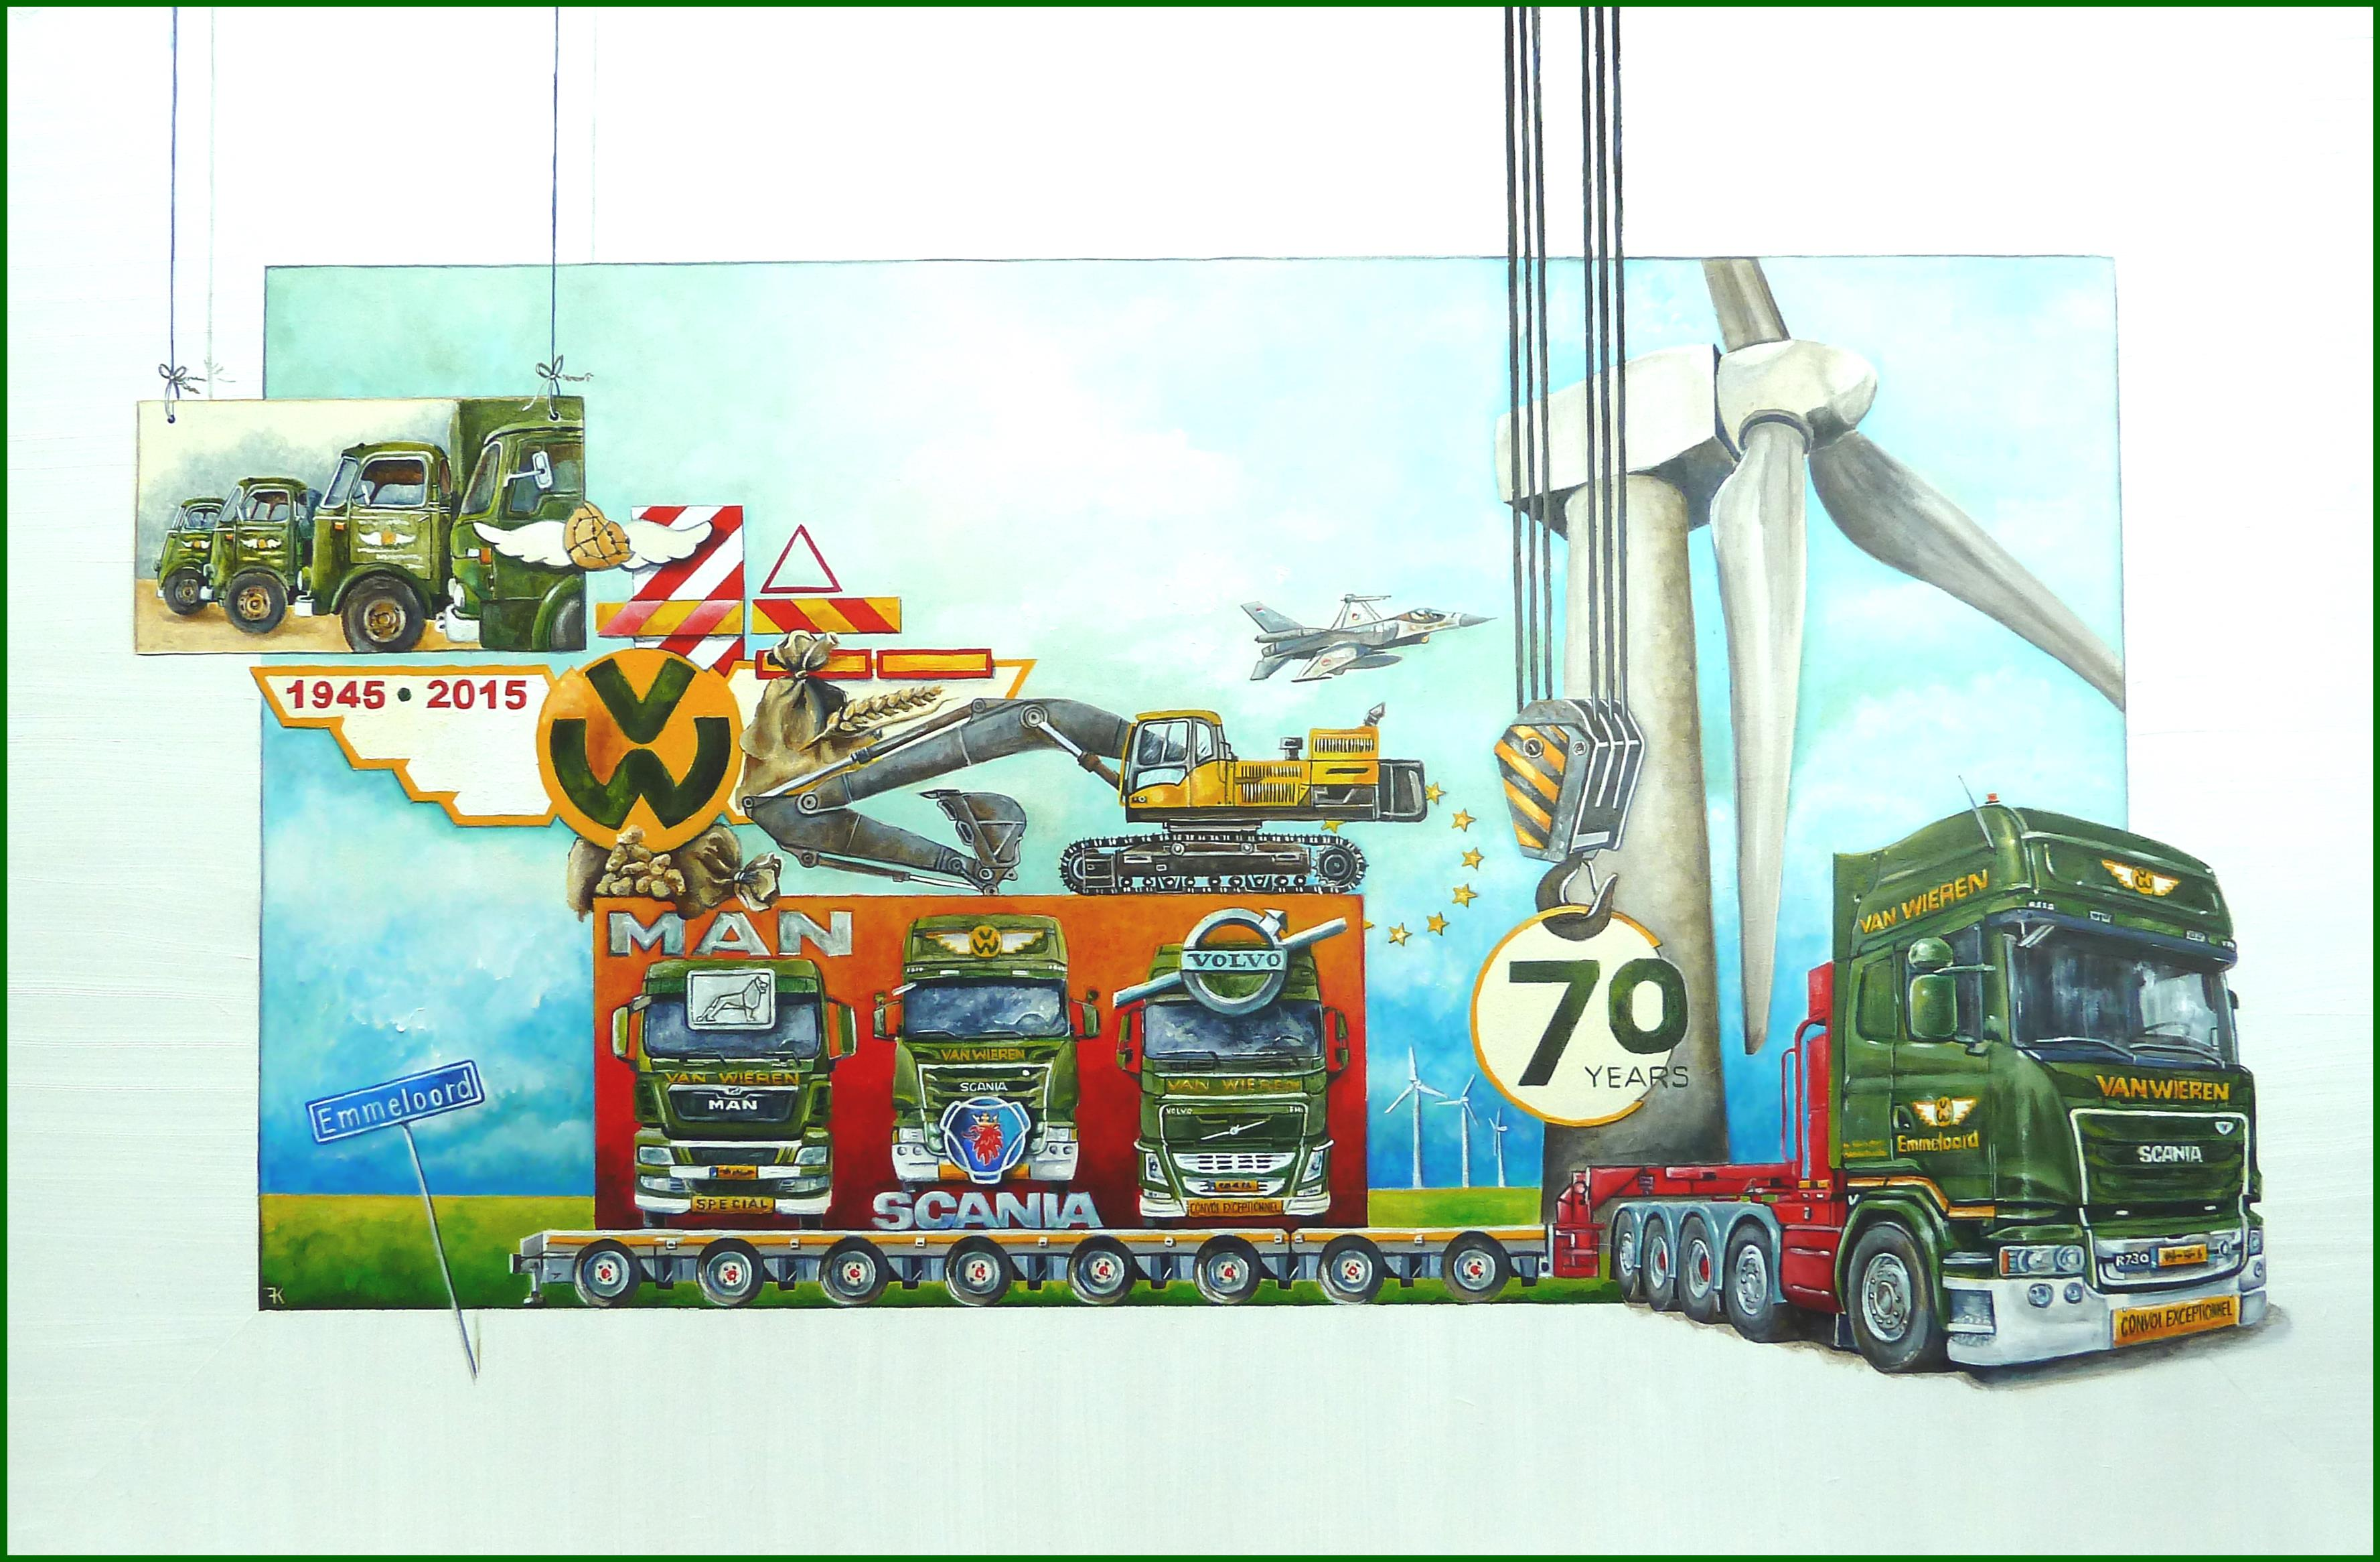 transportbedrijf van Wieren Special